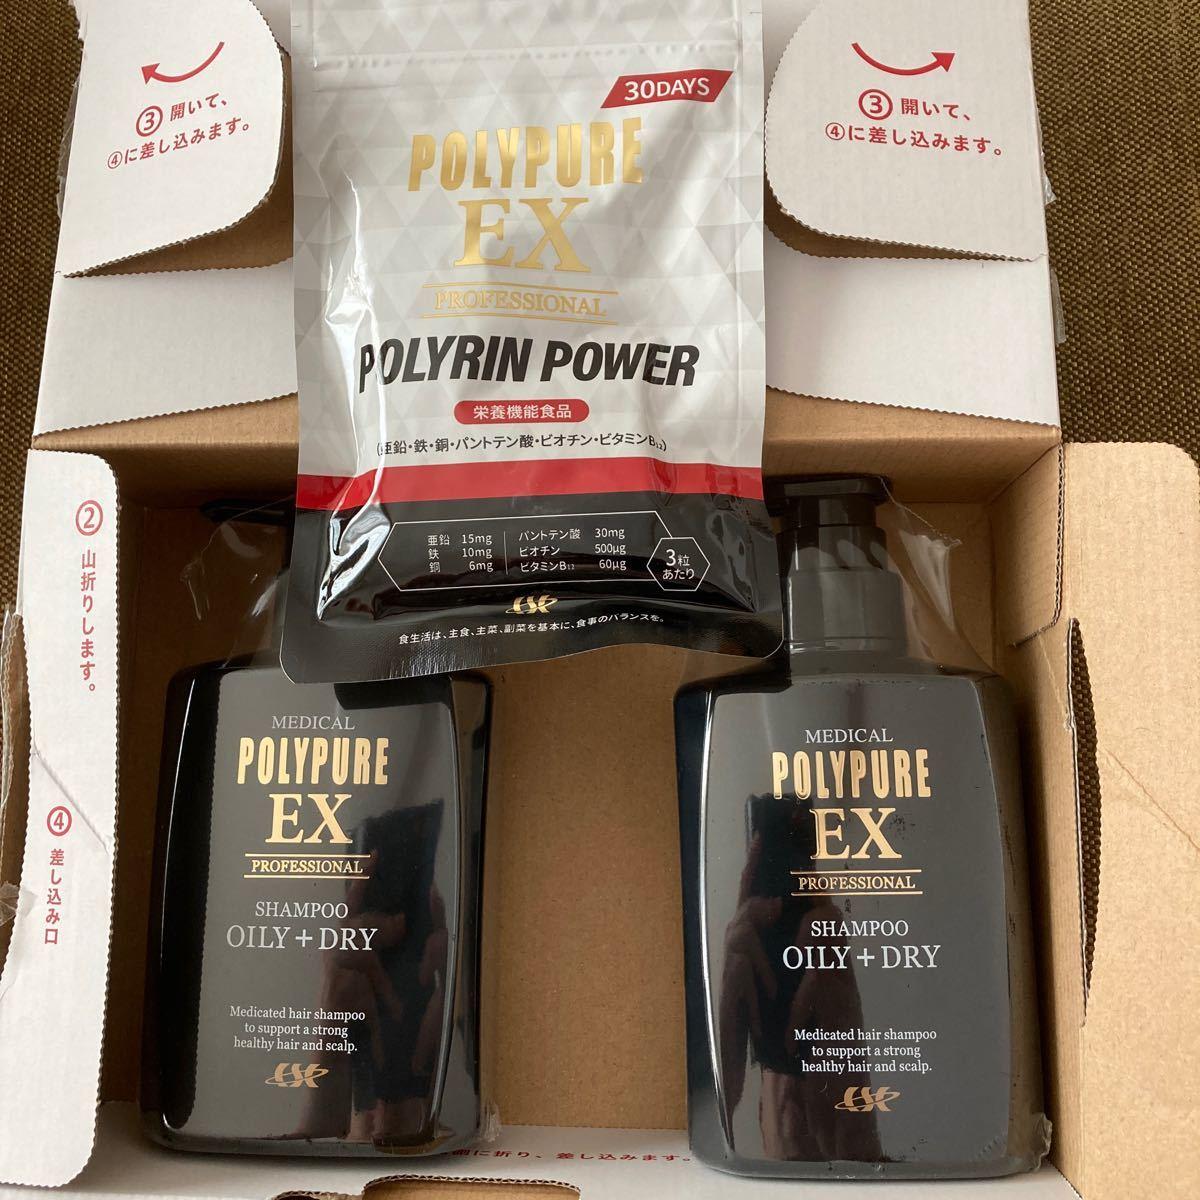 ポリピュア薬用スカルプシャンプー 2本とポリピュアEXポリリンパワー30日分サプリメント